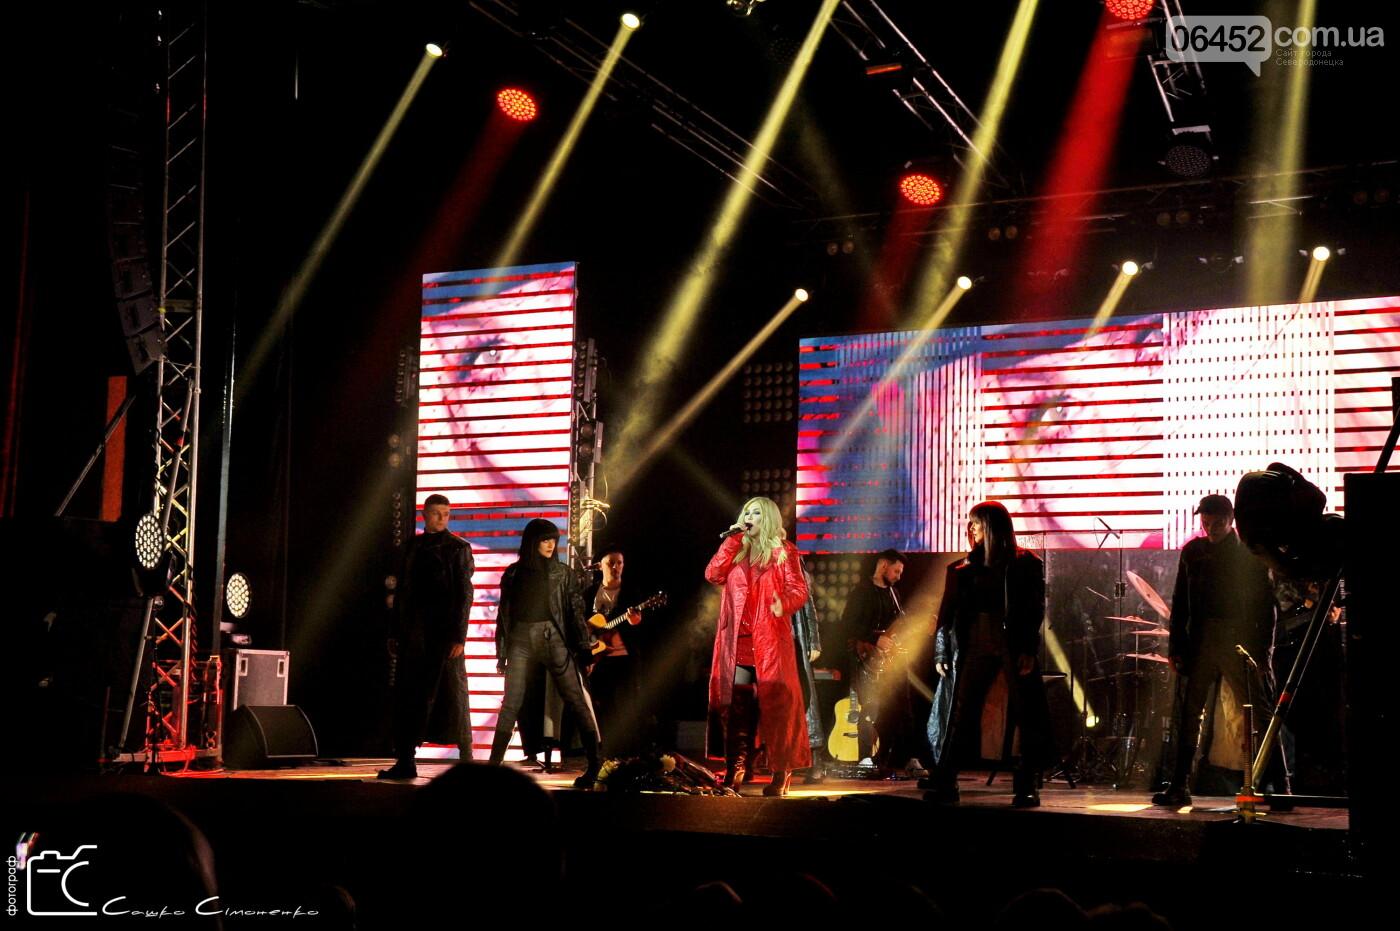 Юбилейный тур Ирины Билык начался вчера в Северодонецке, фото-4